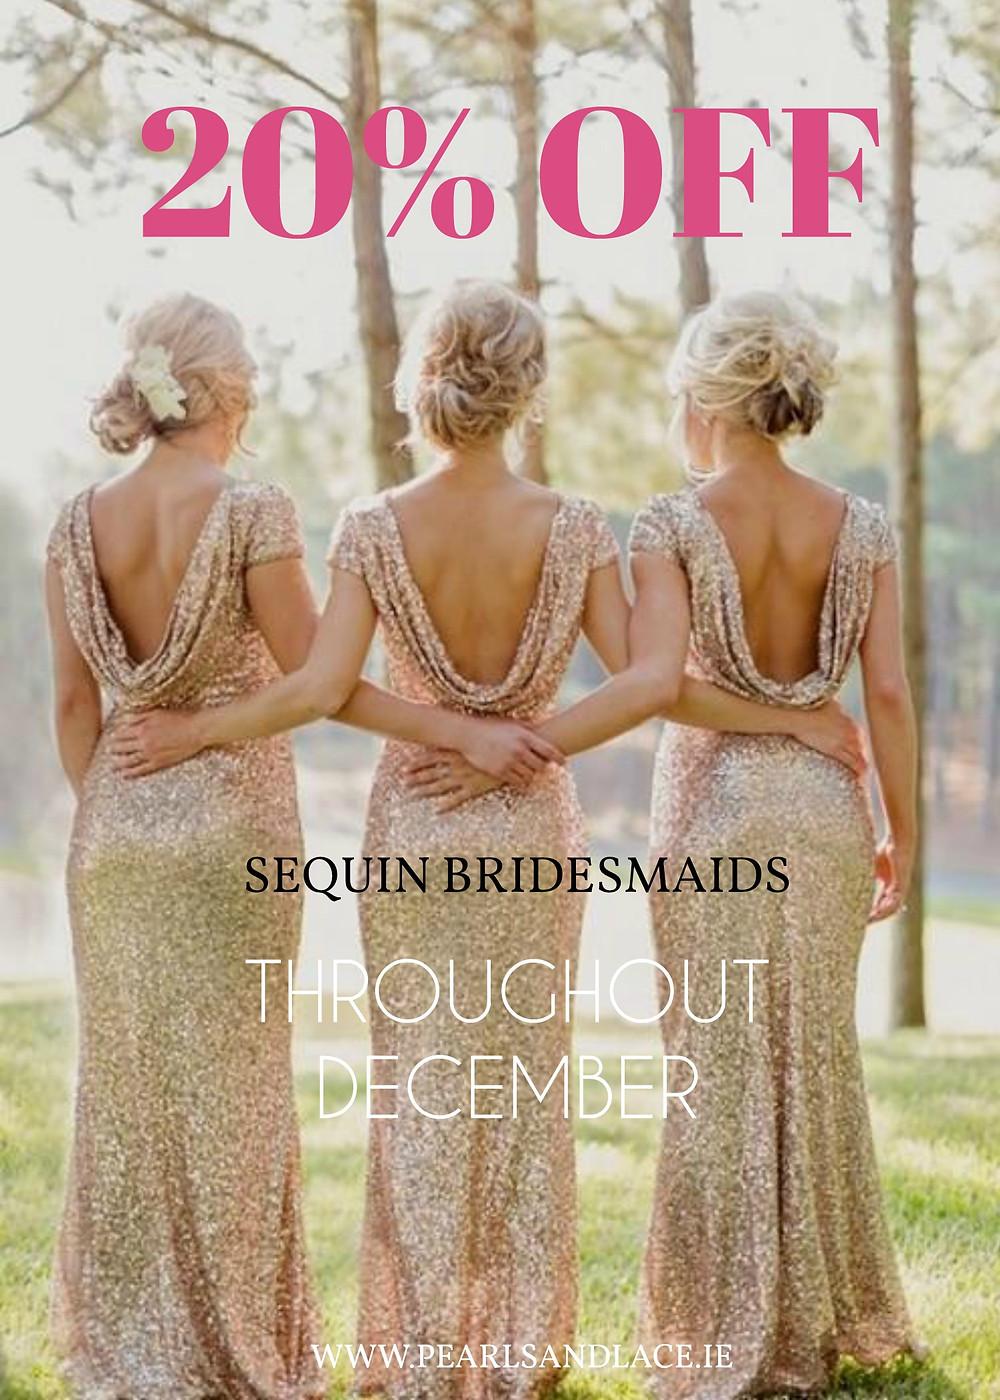 Gold sequin bridesmaids dresses sale